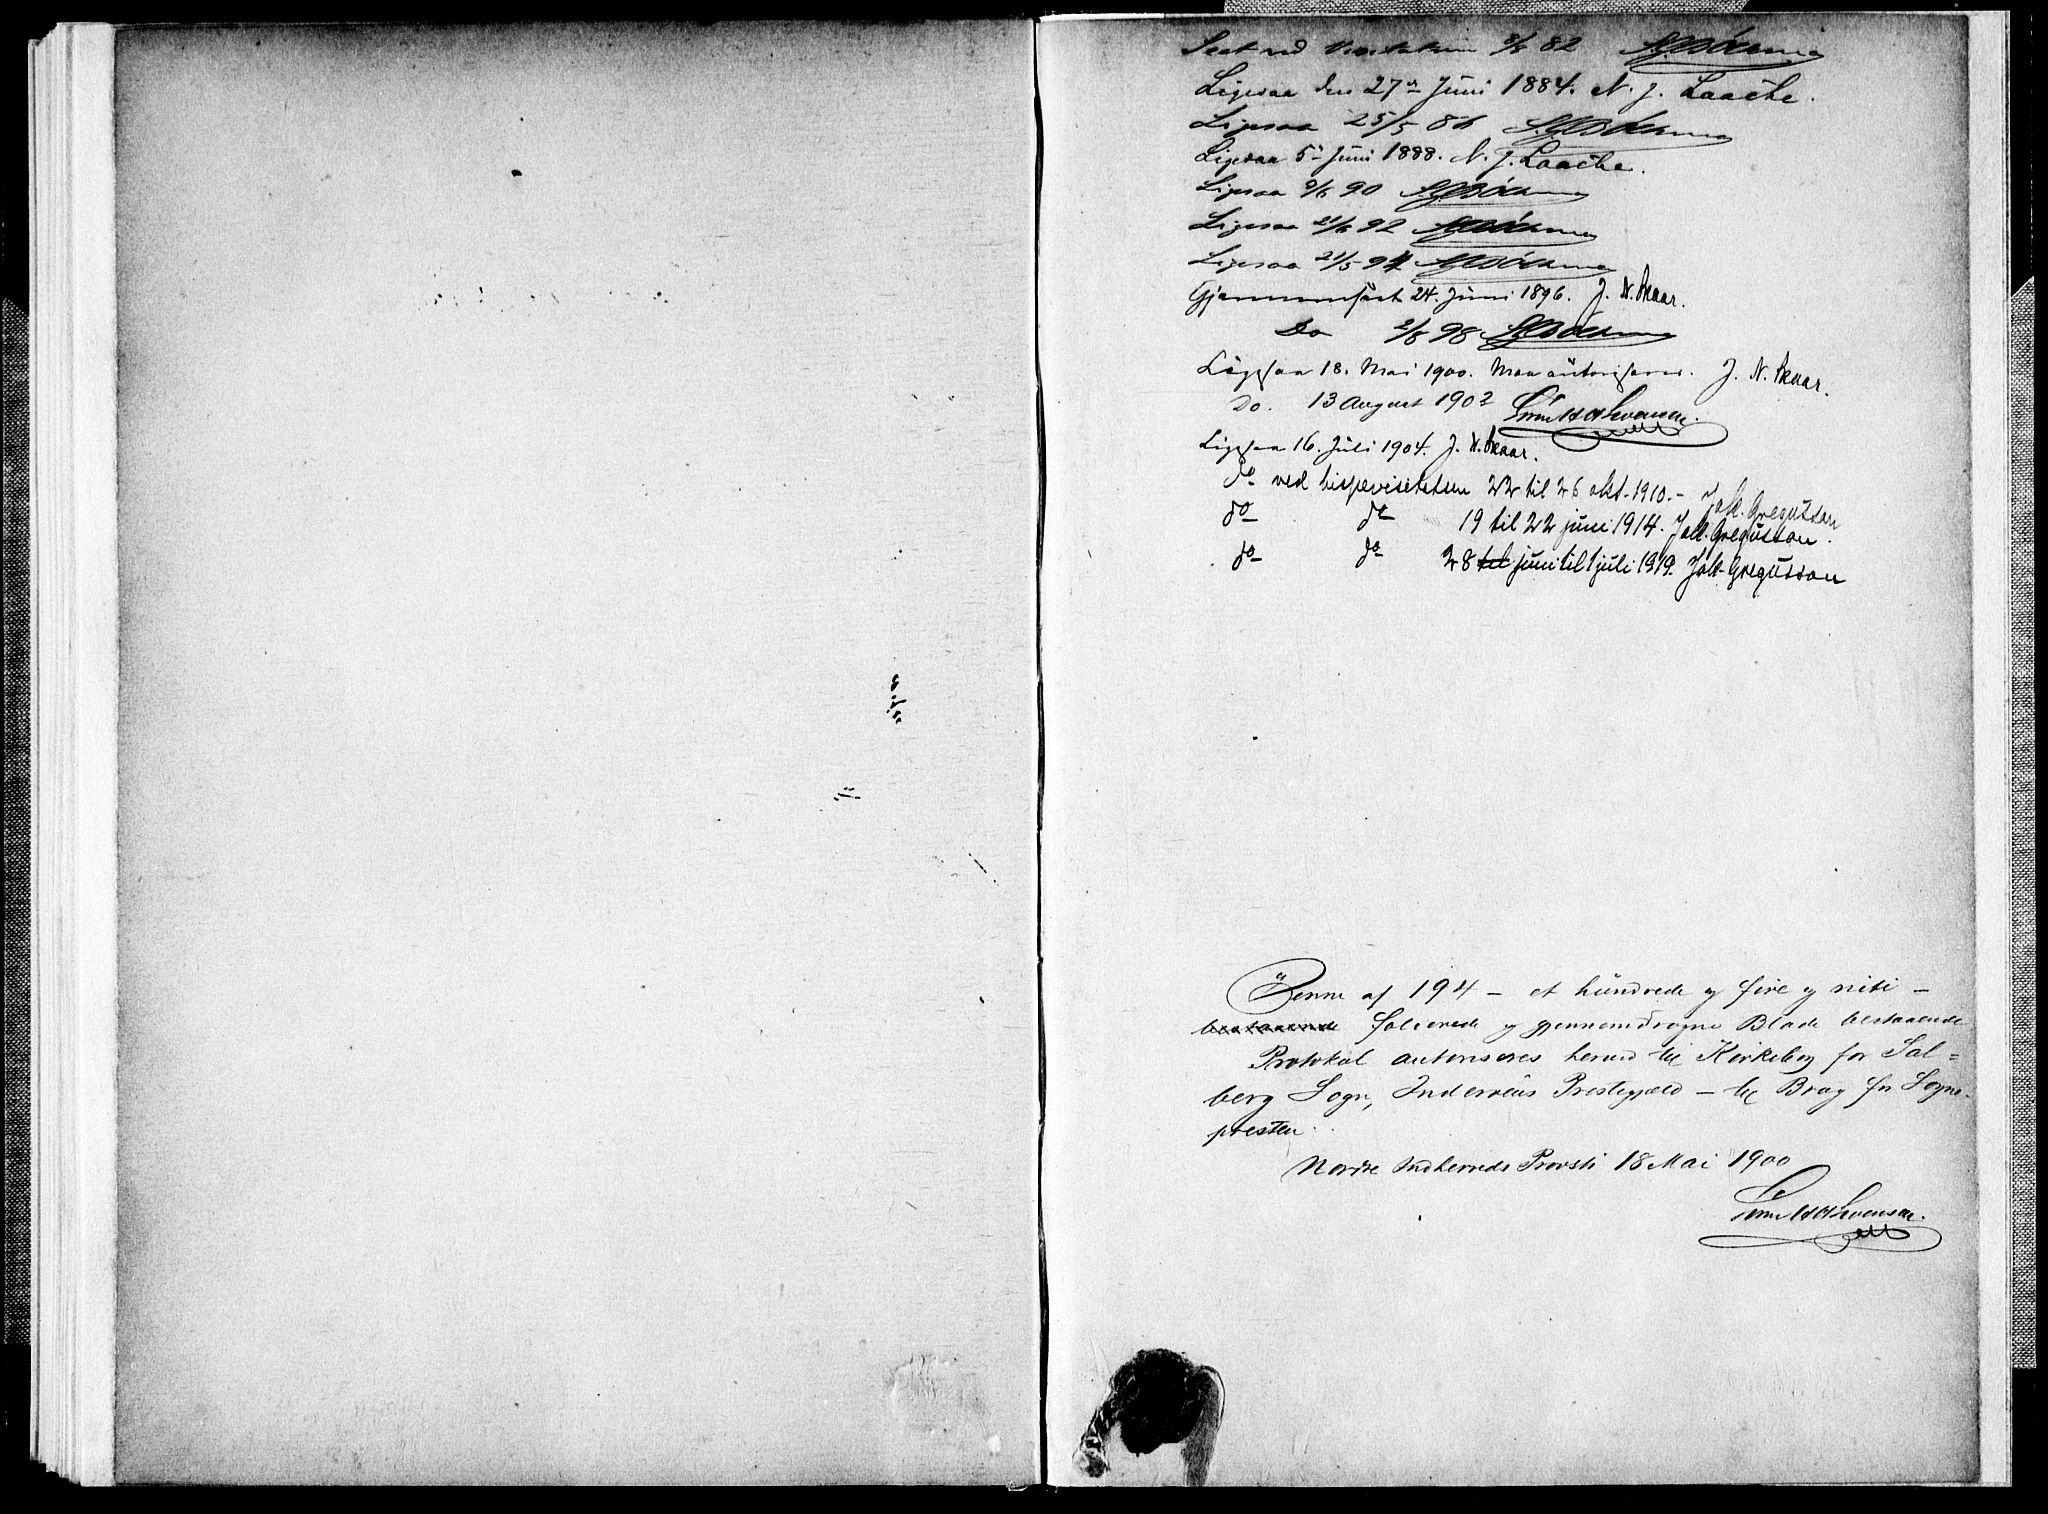 SAT, Ministerialprotokoller, klokkerbøker og fødselsregistre - Nord-Trøndelag, 731/L0309: Parish register (official) no. 731A01, 1879-1918